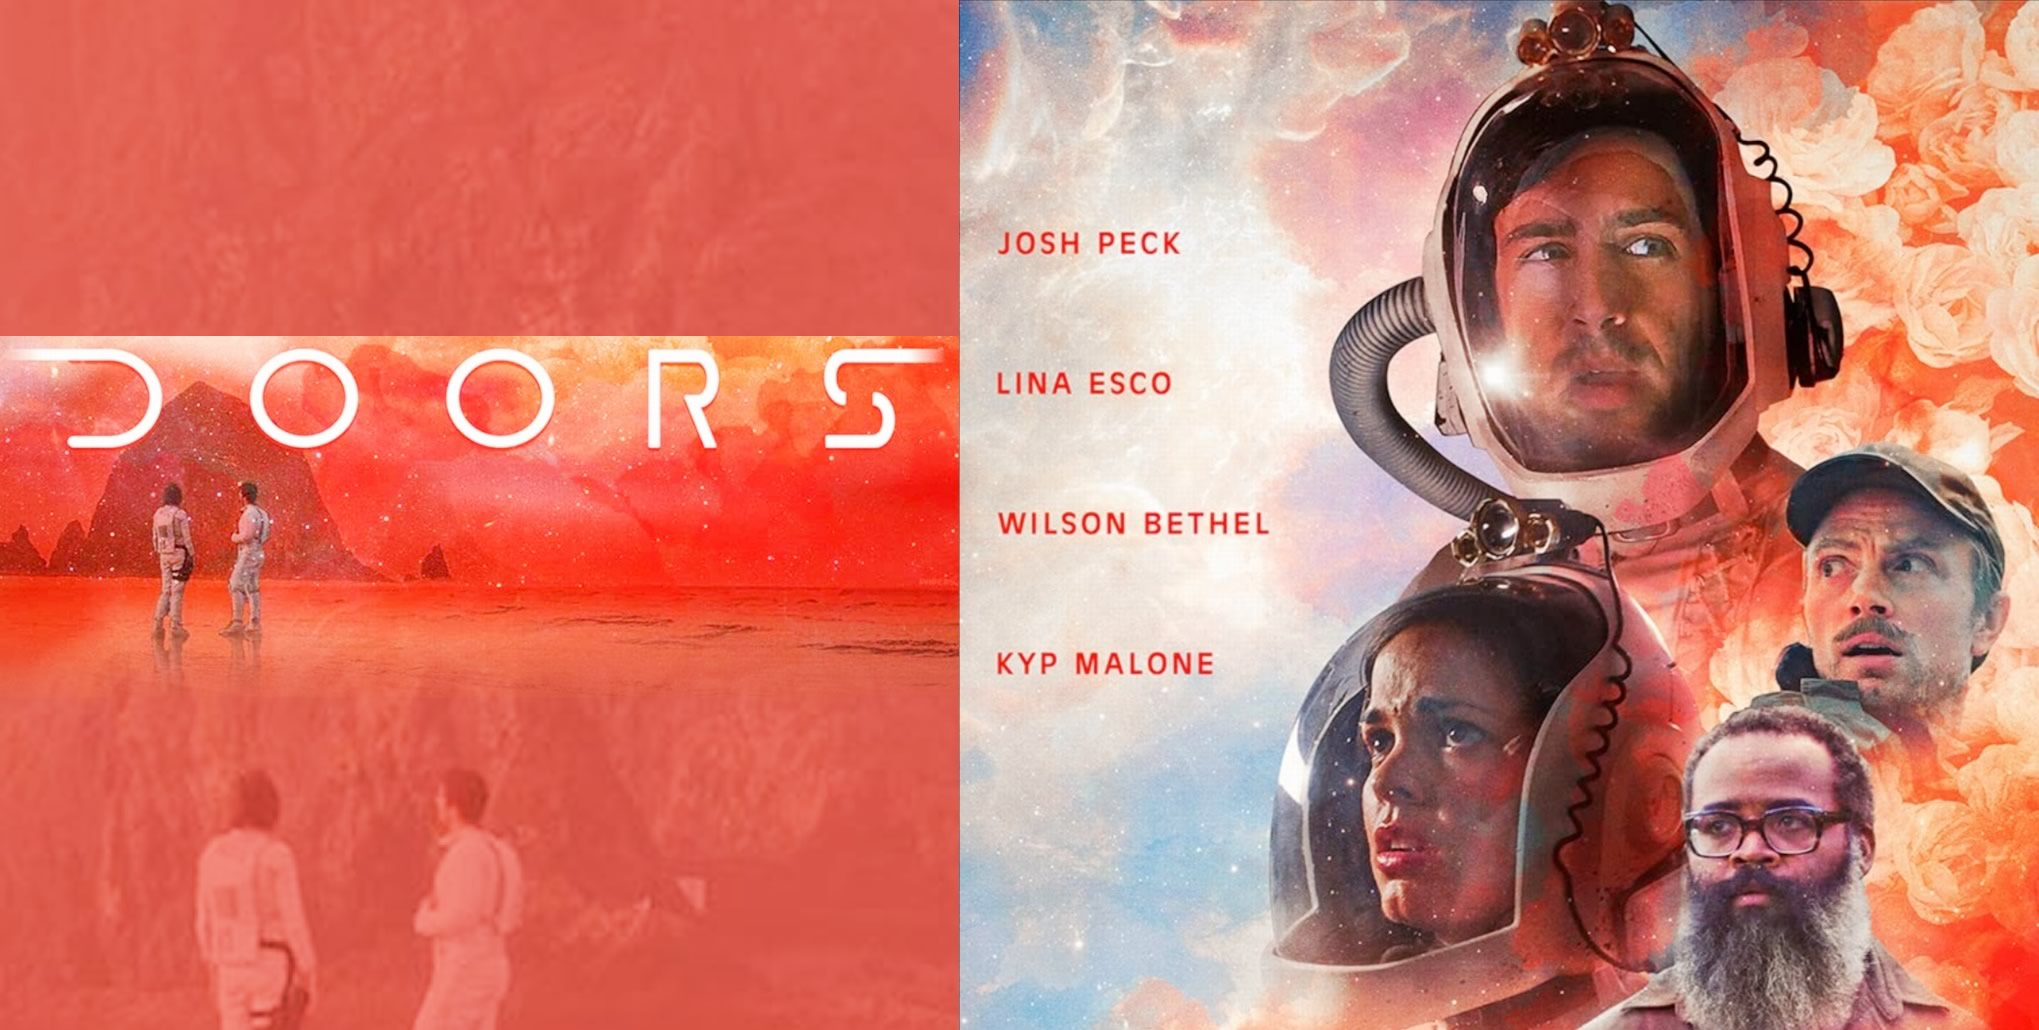 DOORS   Ficção científica cósmica com Josh Peck